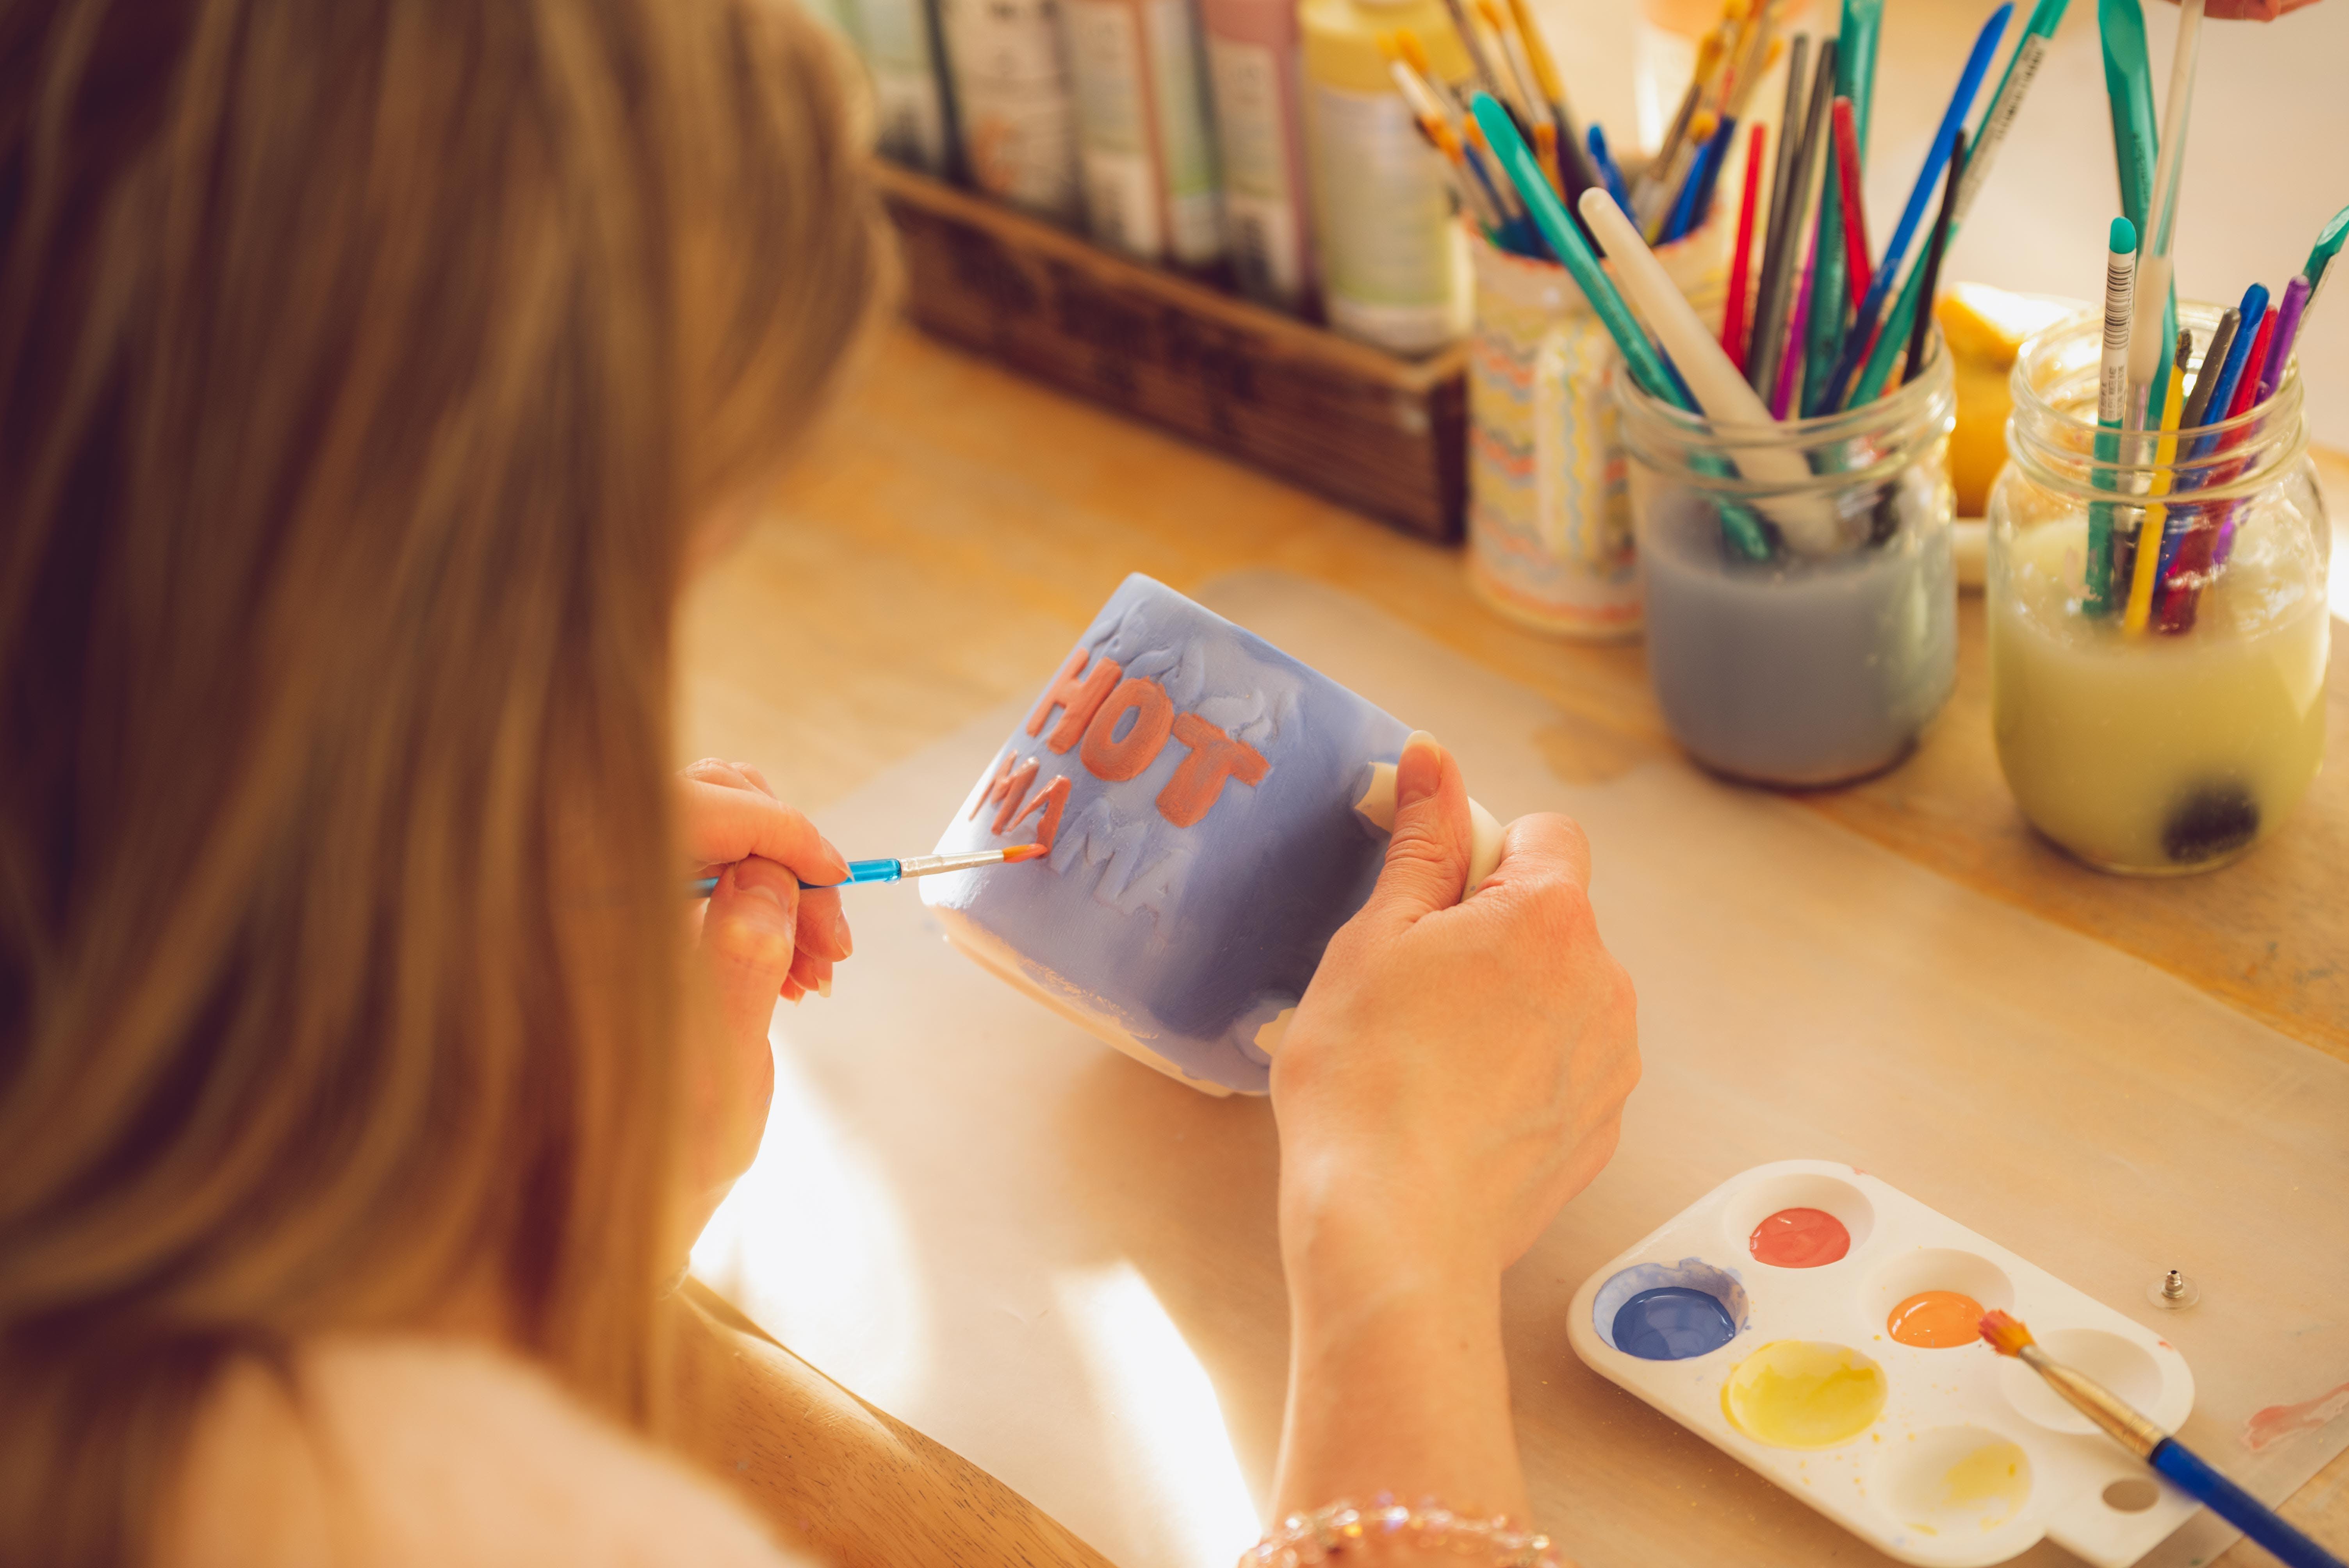 aktivite, artistik, boya, boya fırçası içeren Ücretsiz stok fotoğraf